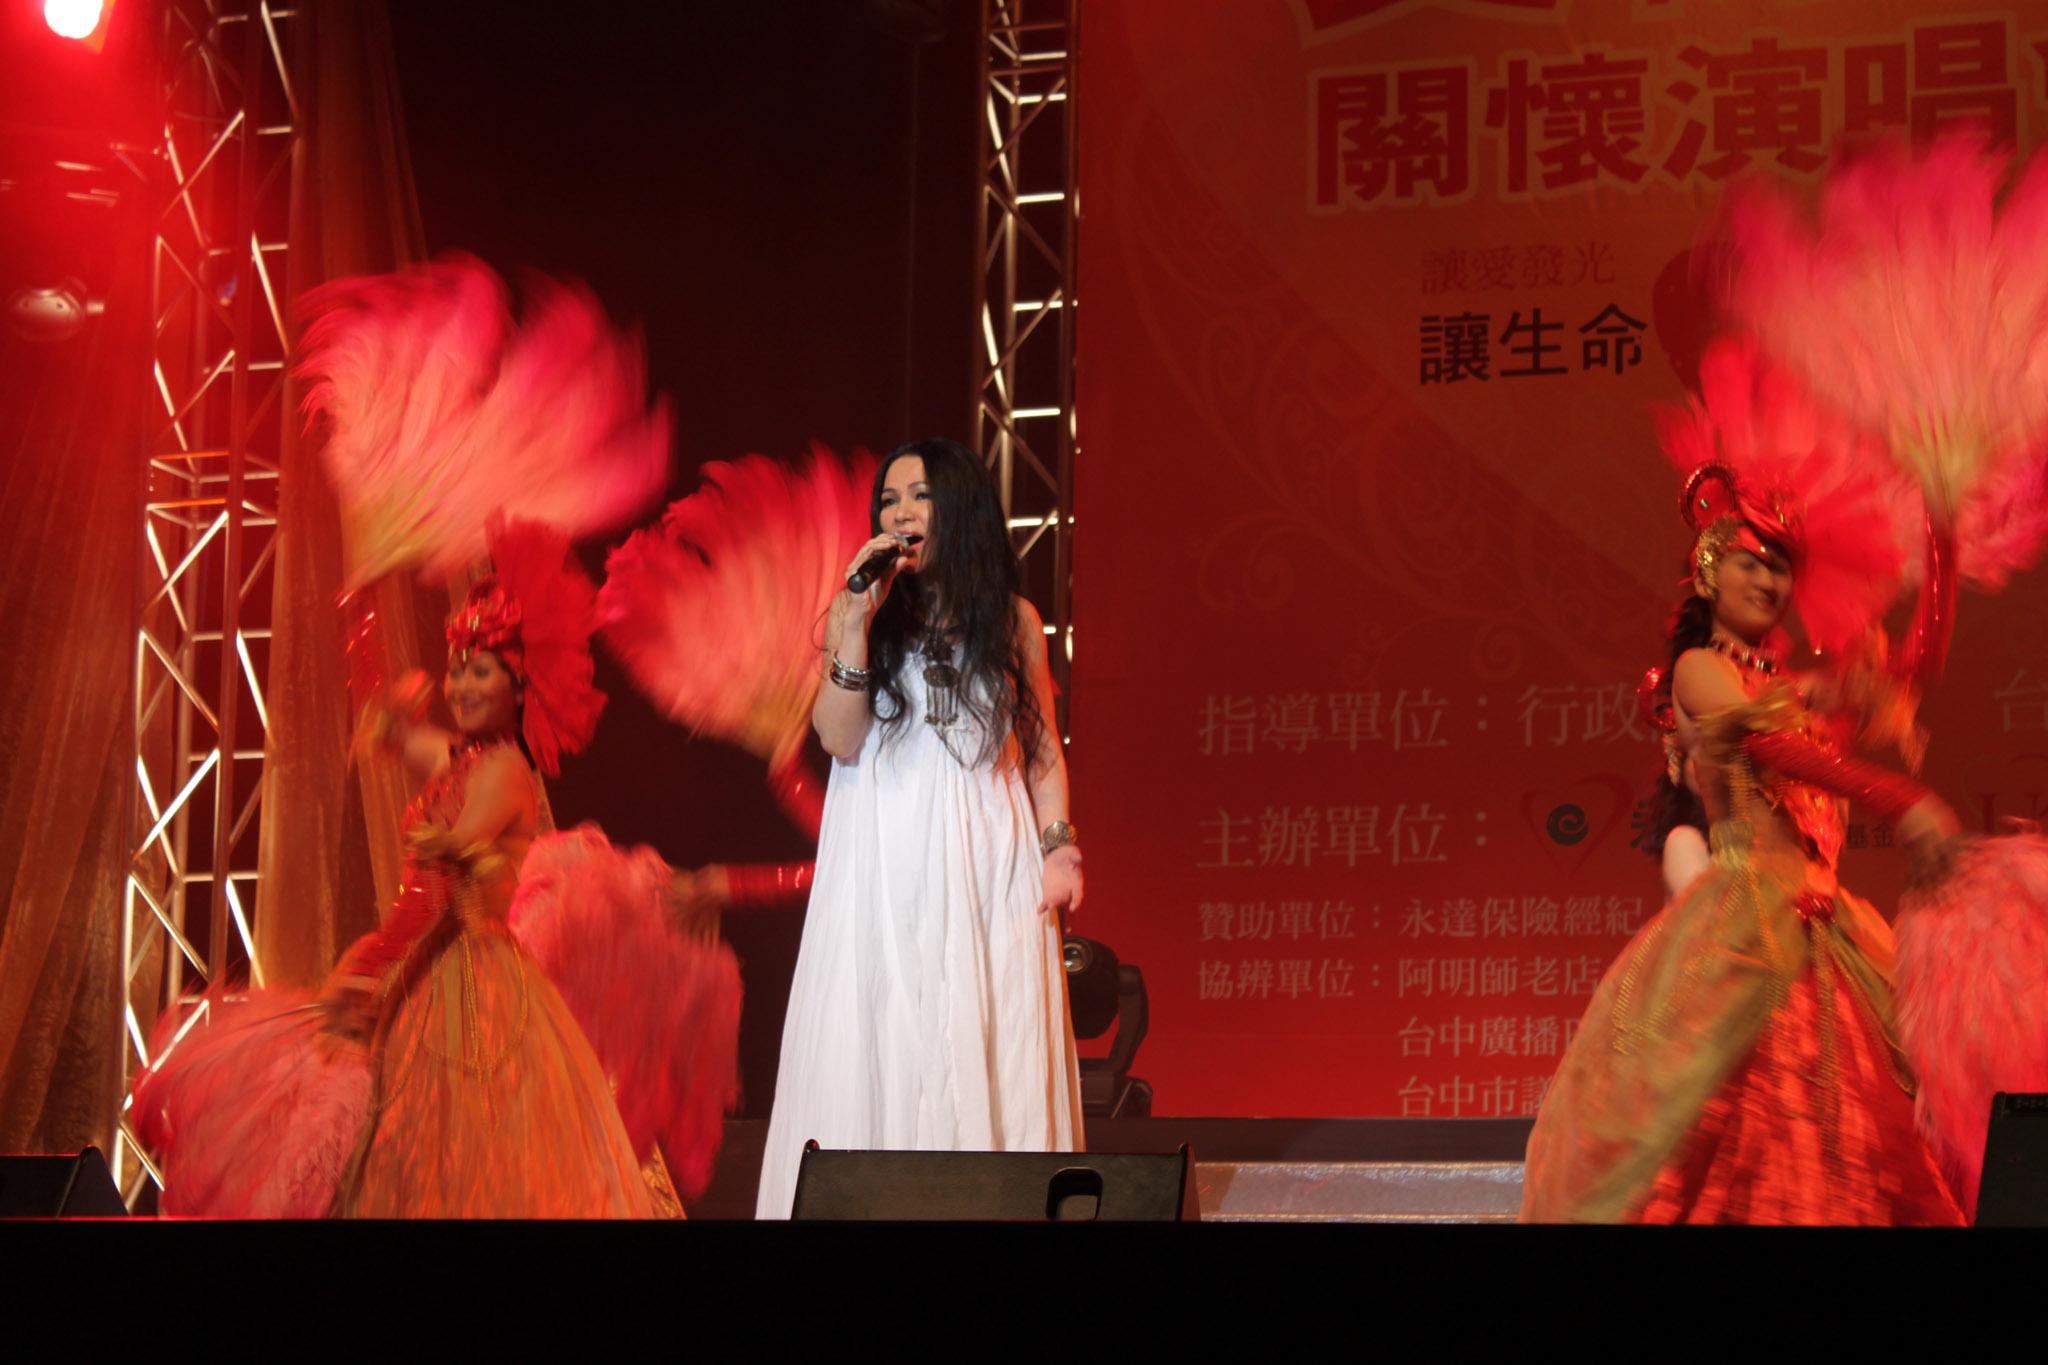 藝人潘越雲為「愛傳承演唱會」深情演唱。